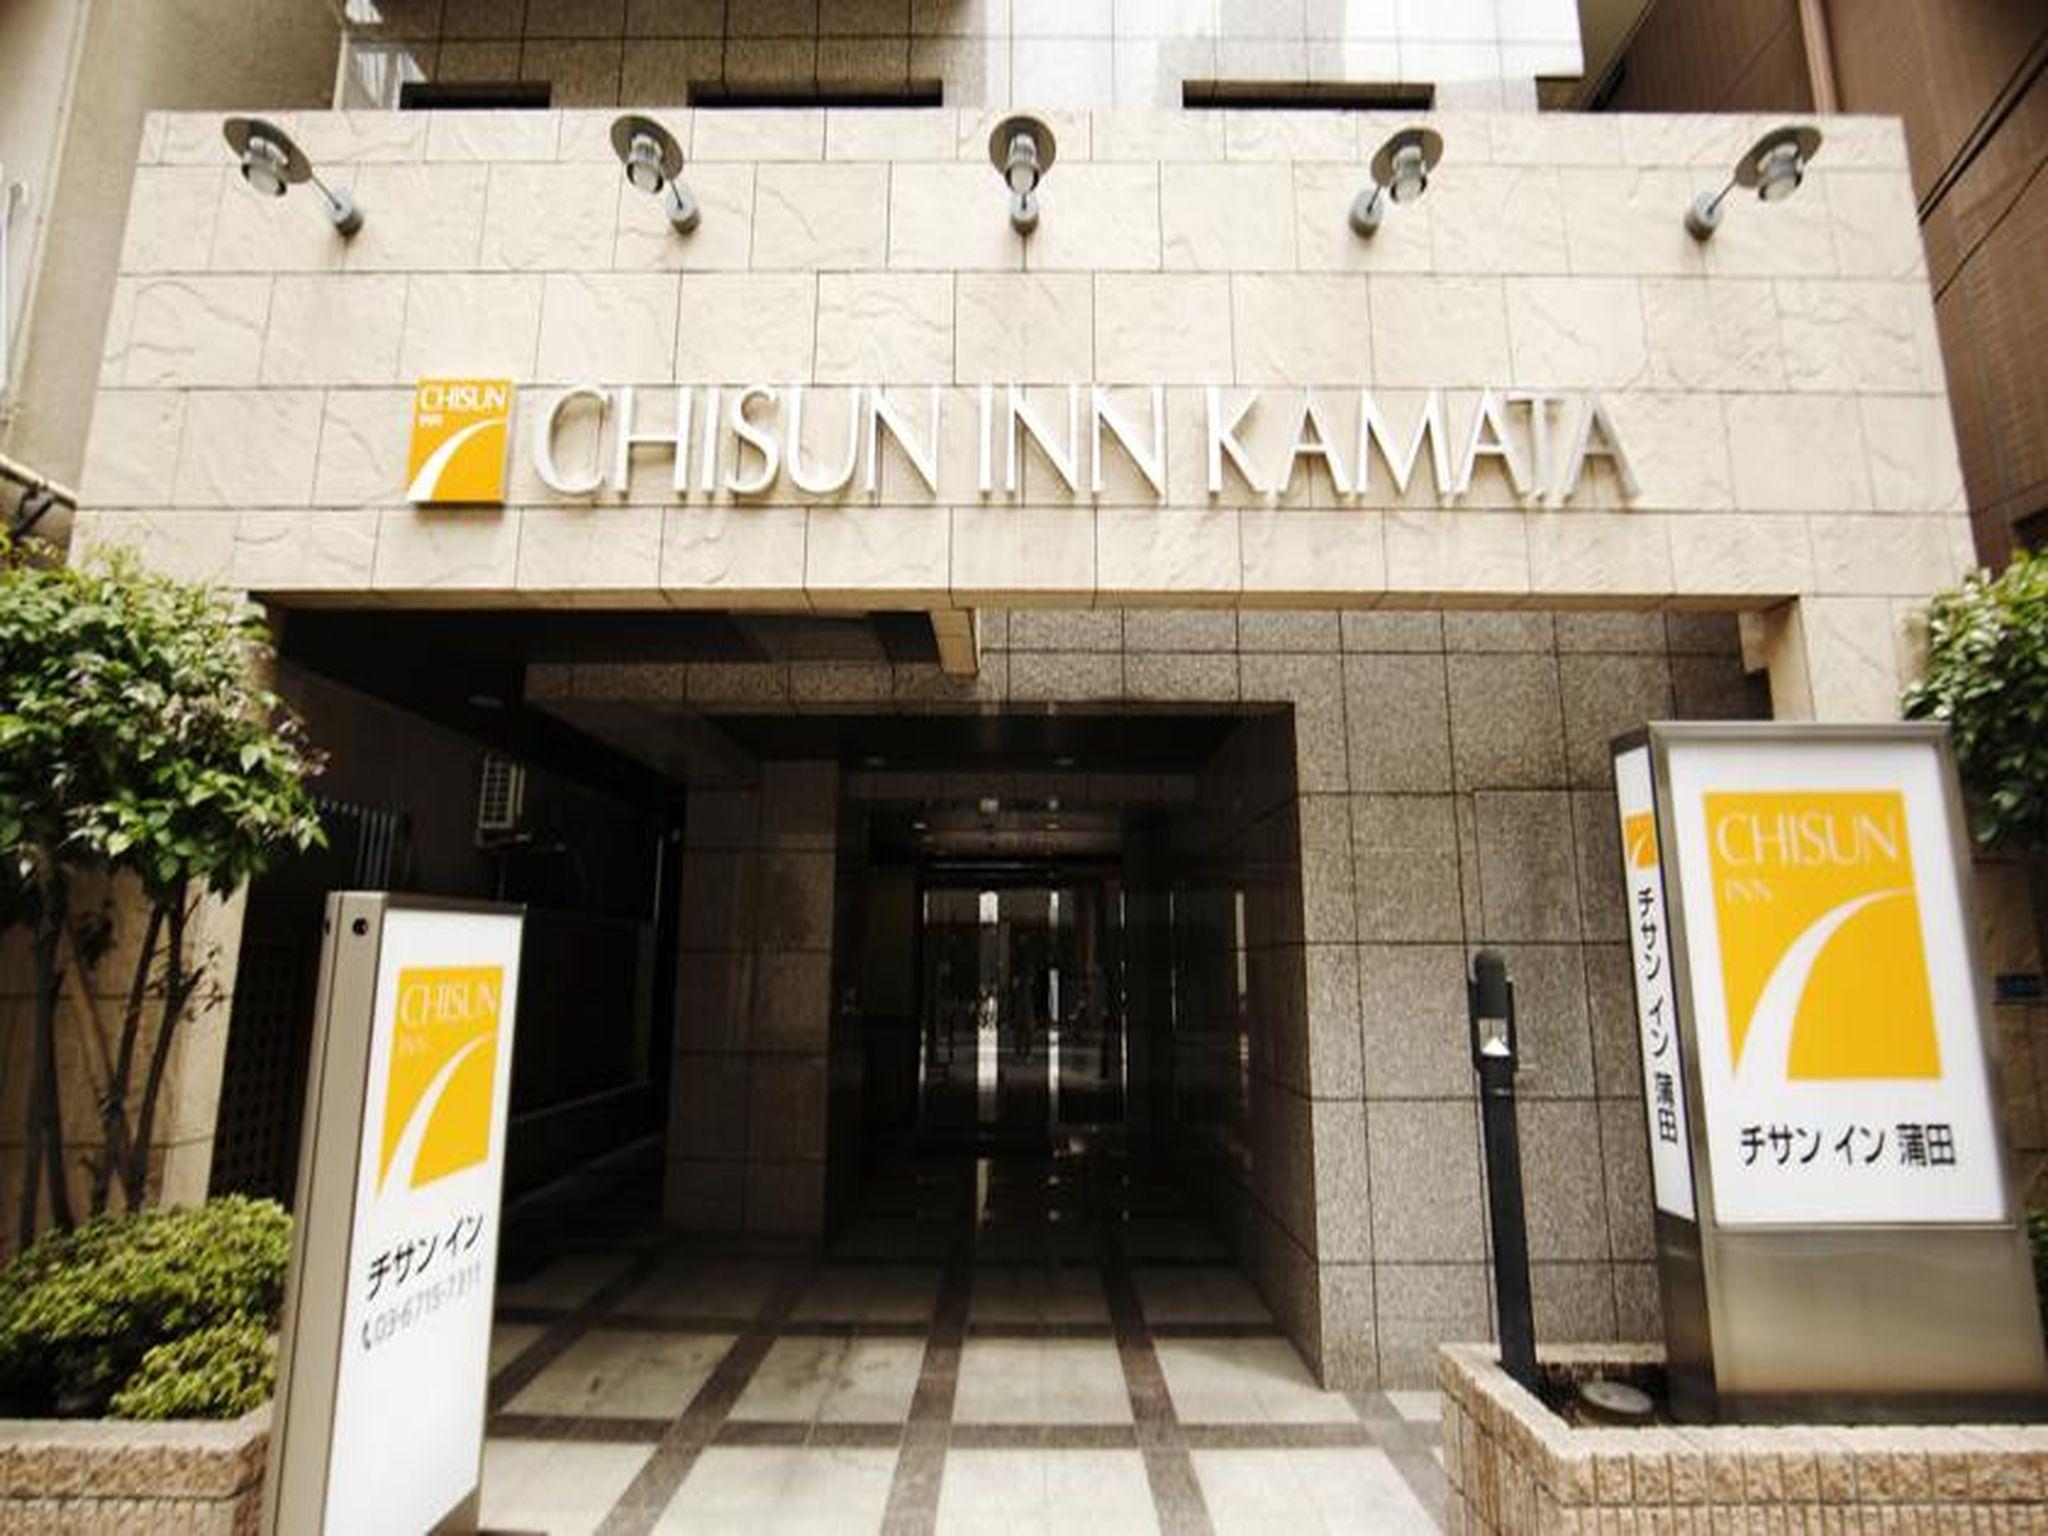 Chisun Inn Kamata